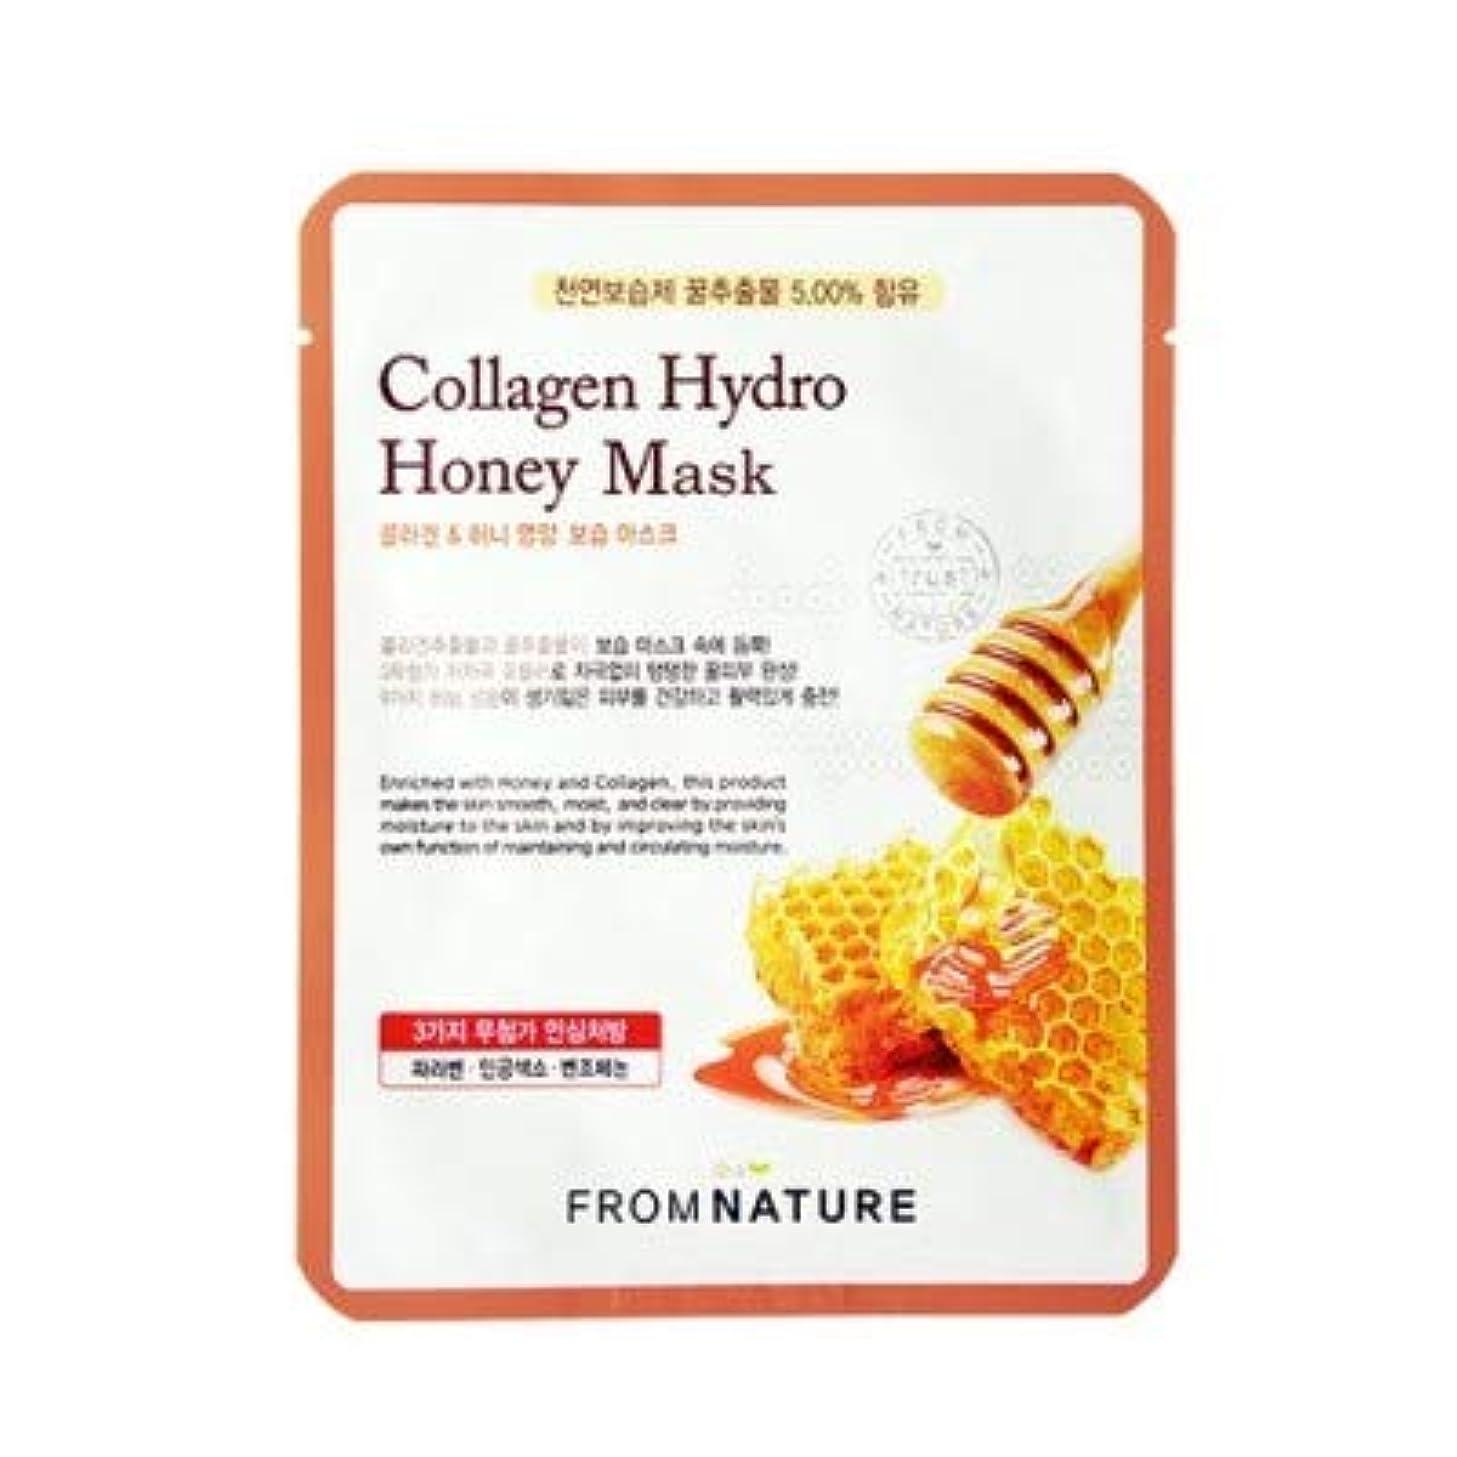 パーク呪い一掃するFROMNATURE フロムネイチャー コラーゲン ハイドロ ハニー マスク Collagen Hydro Honey Mask 【10枚セット】